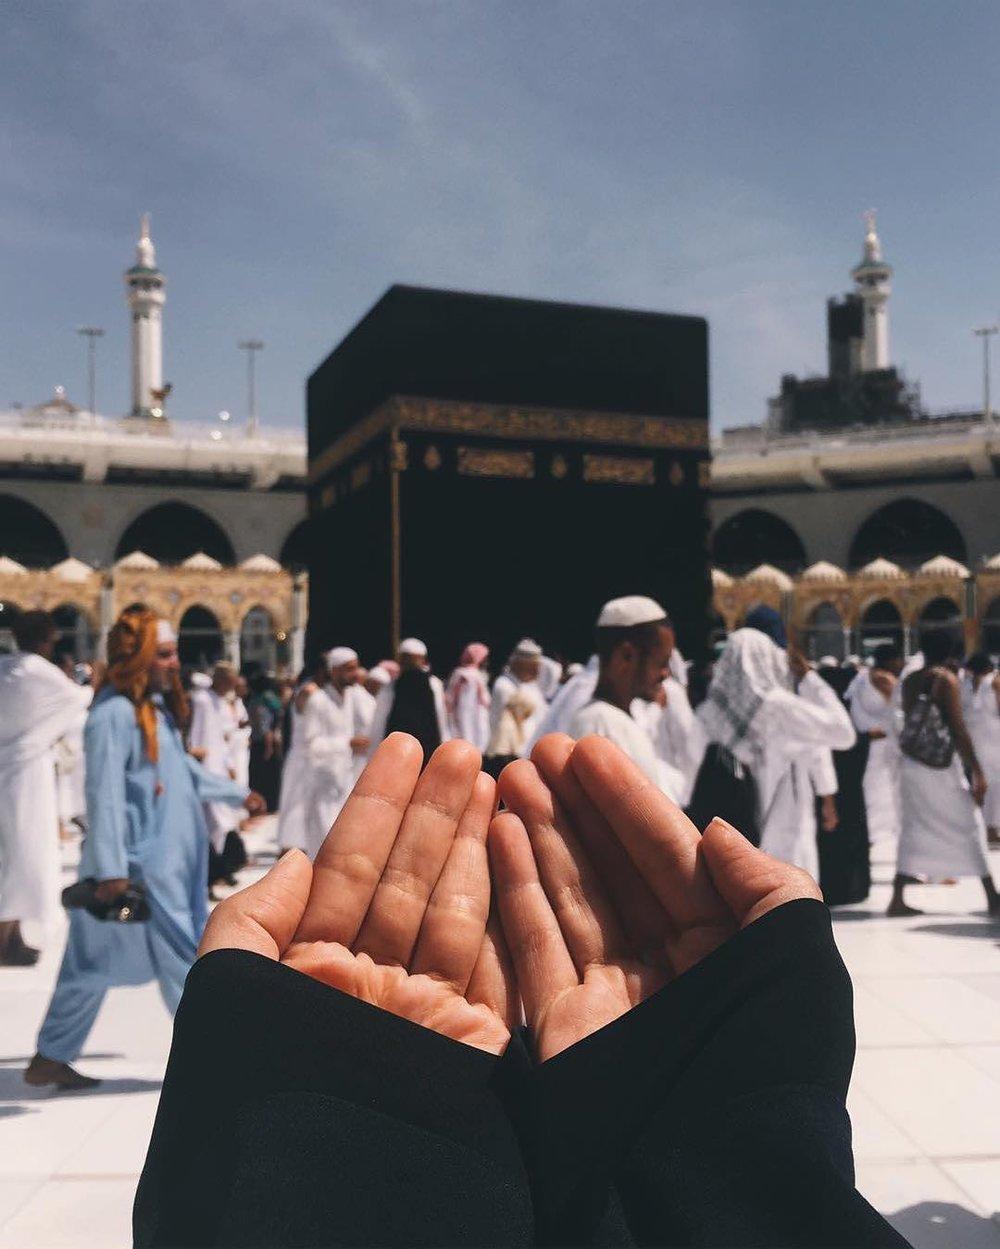 noha-amer-ramadan-3-unsettled